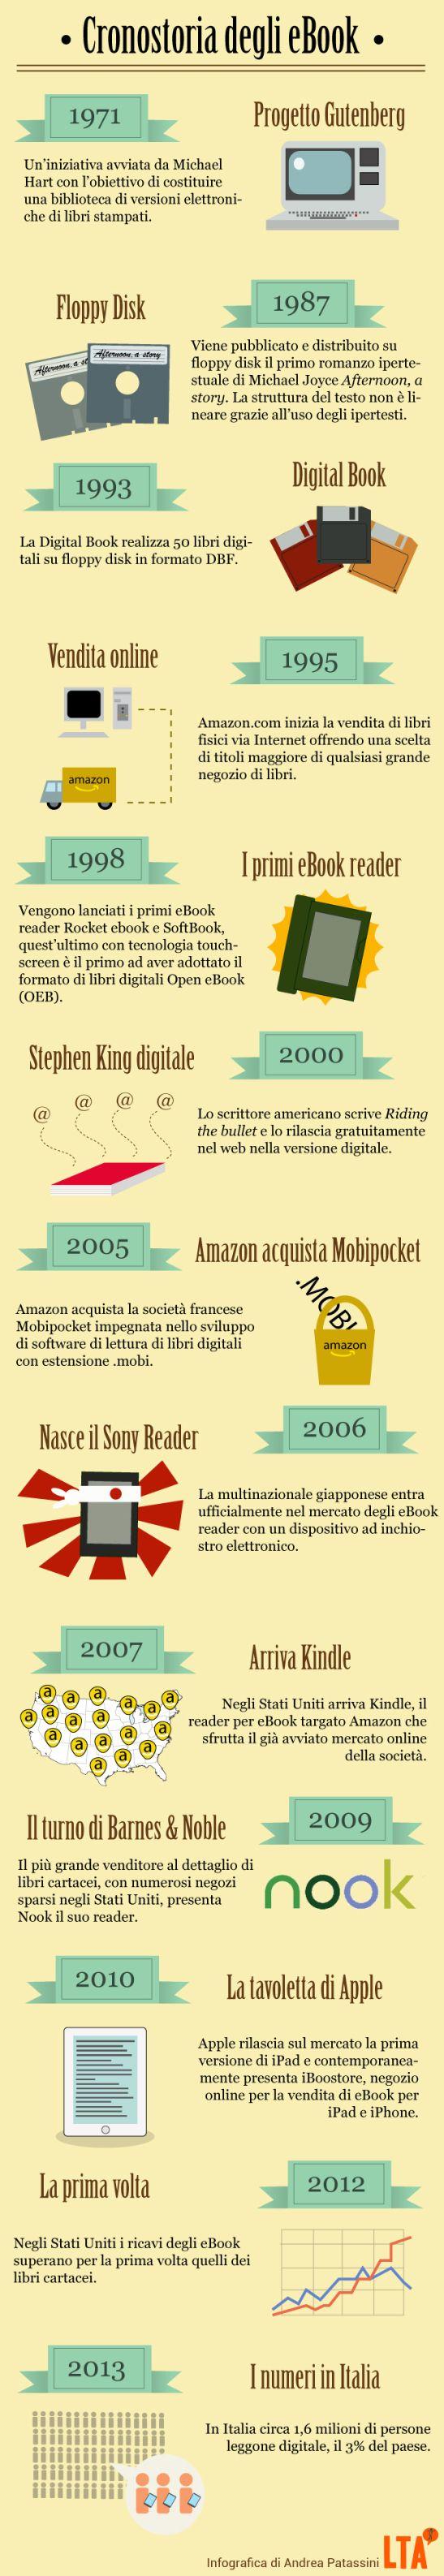 La Storia Degli Ebook